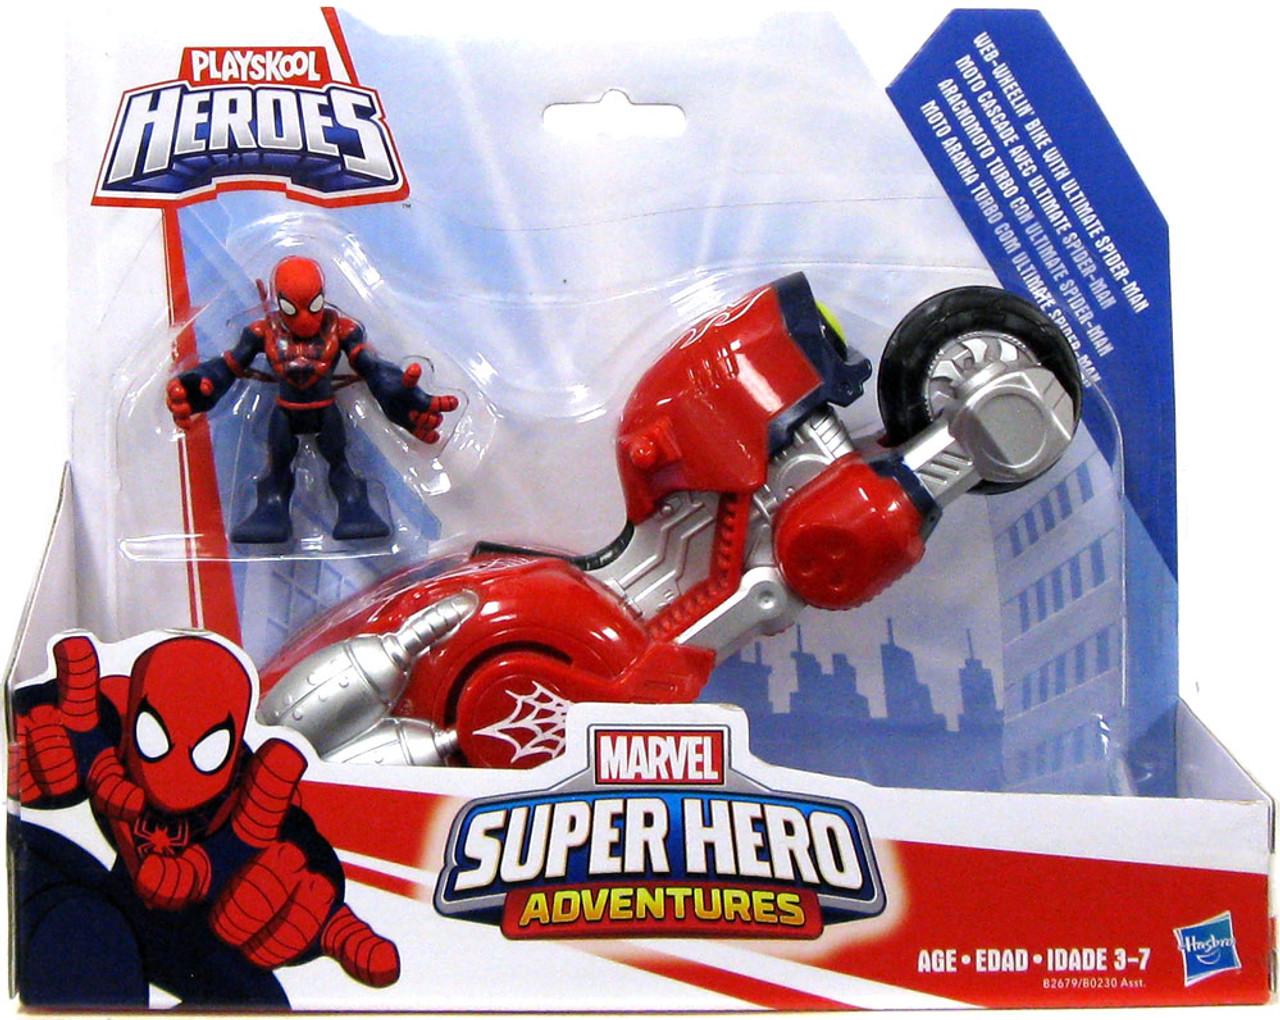 Toys And Adventures : Marvel playskool heroes super hero adventures ultimate